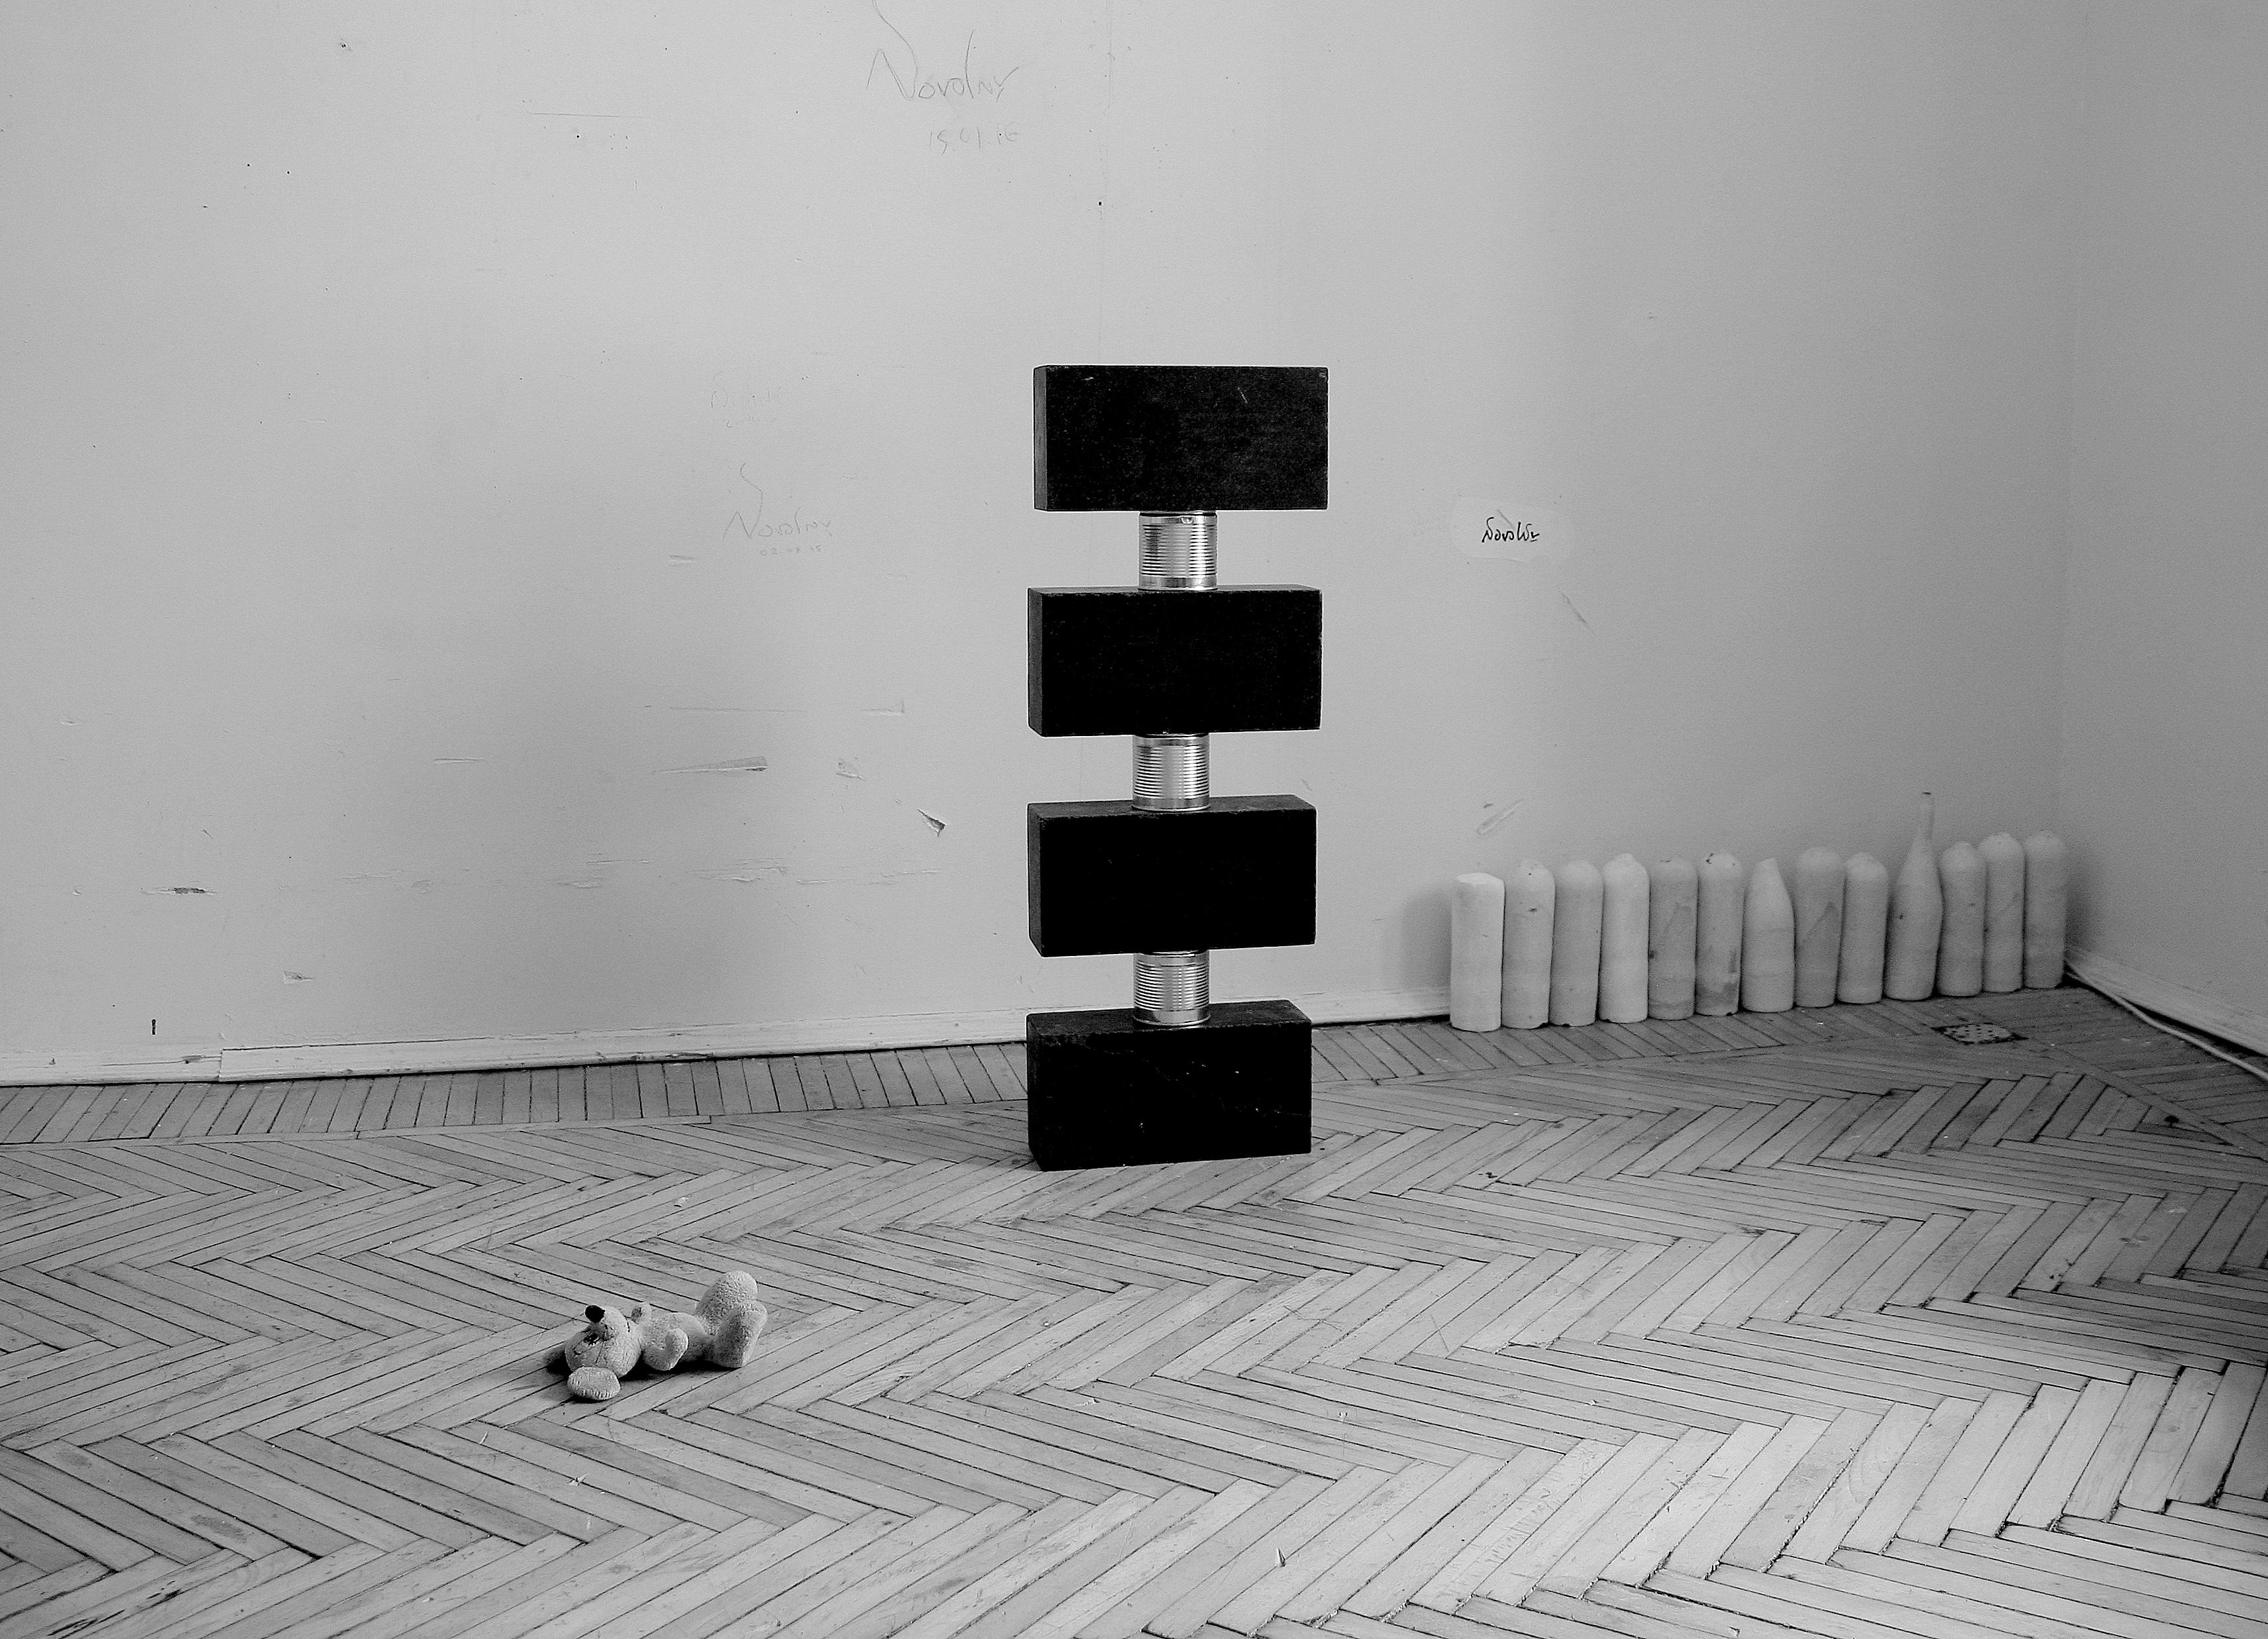 Fond D Cran Dessin Monochrome Minimalisme Ombre Mur Table  # Design Meuble Moderne Sur Fond Blanc